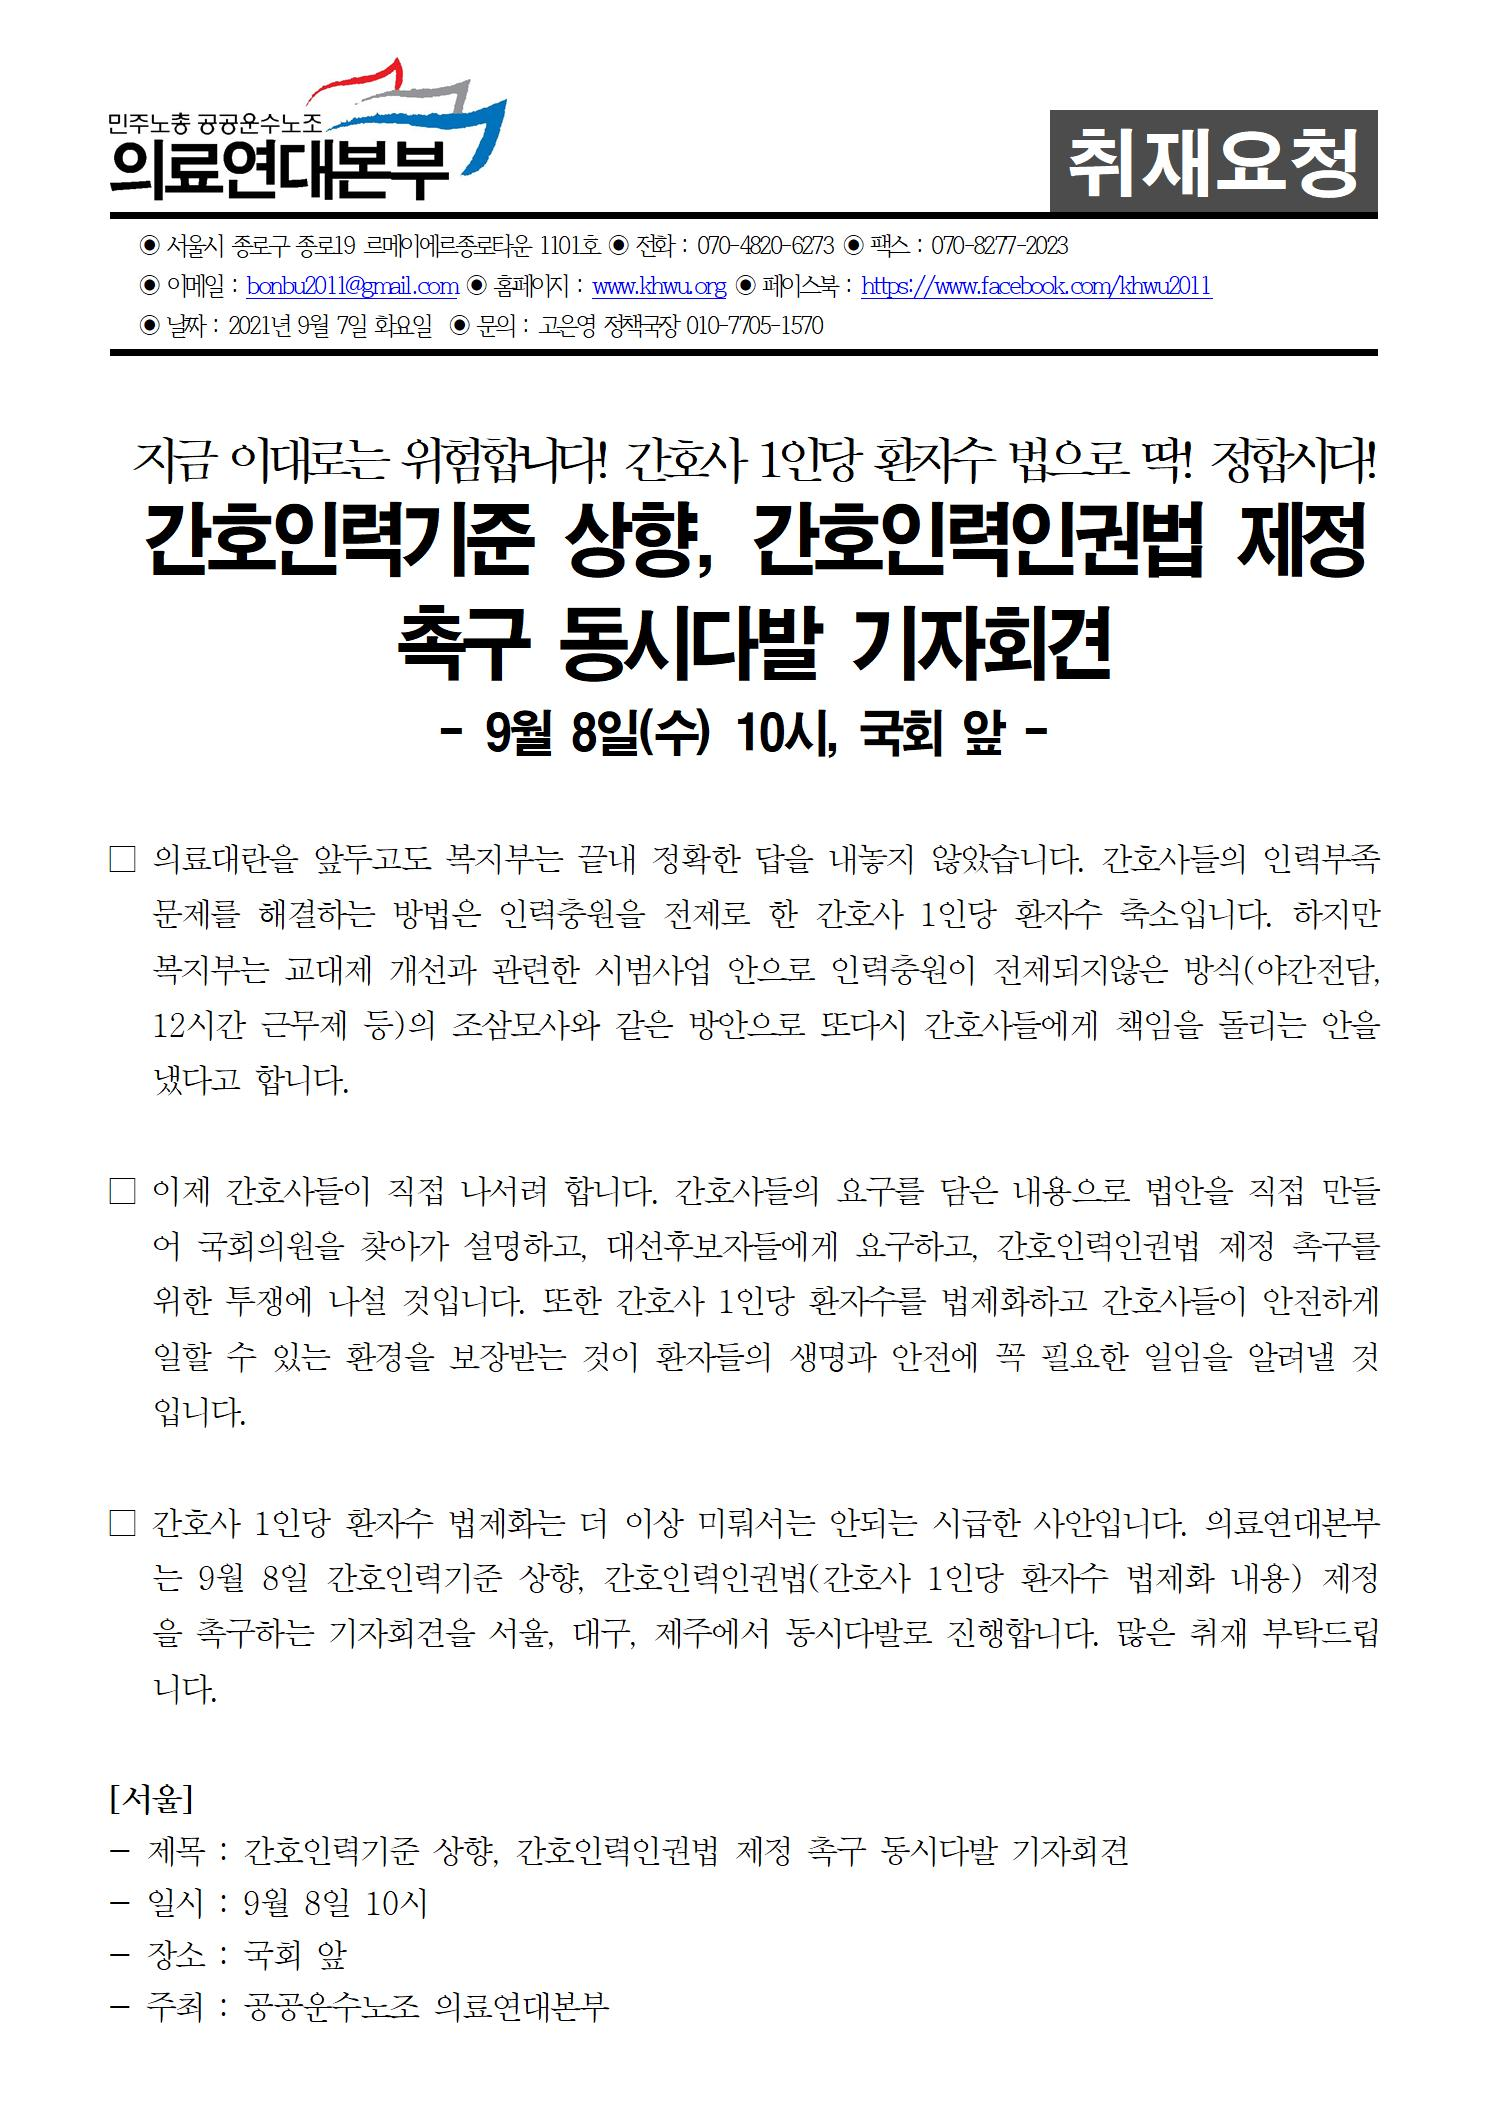 210907_[취재요청] 환자수법제화 촉구 기자회견(완)001.jpg